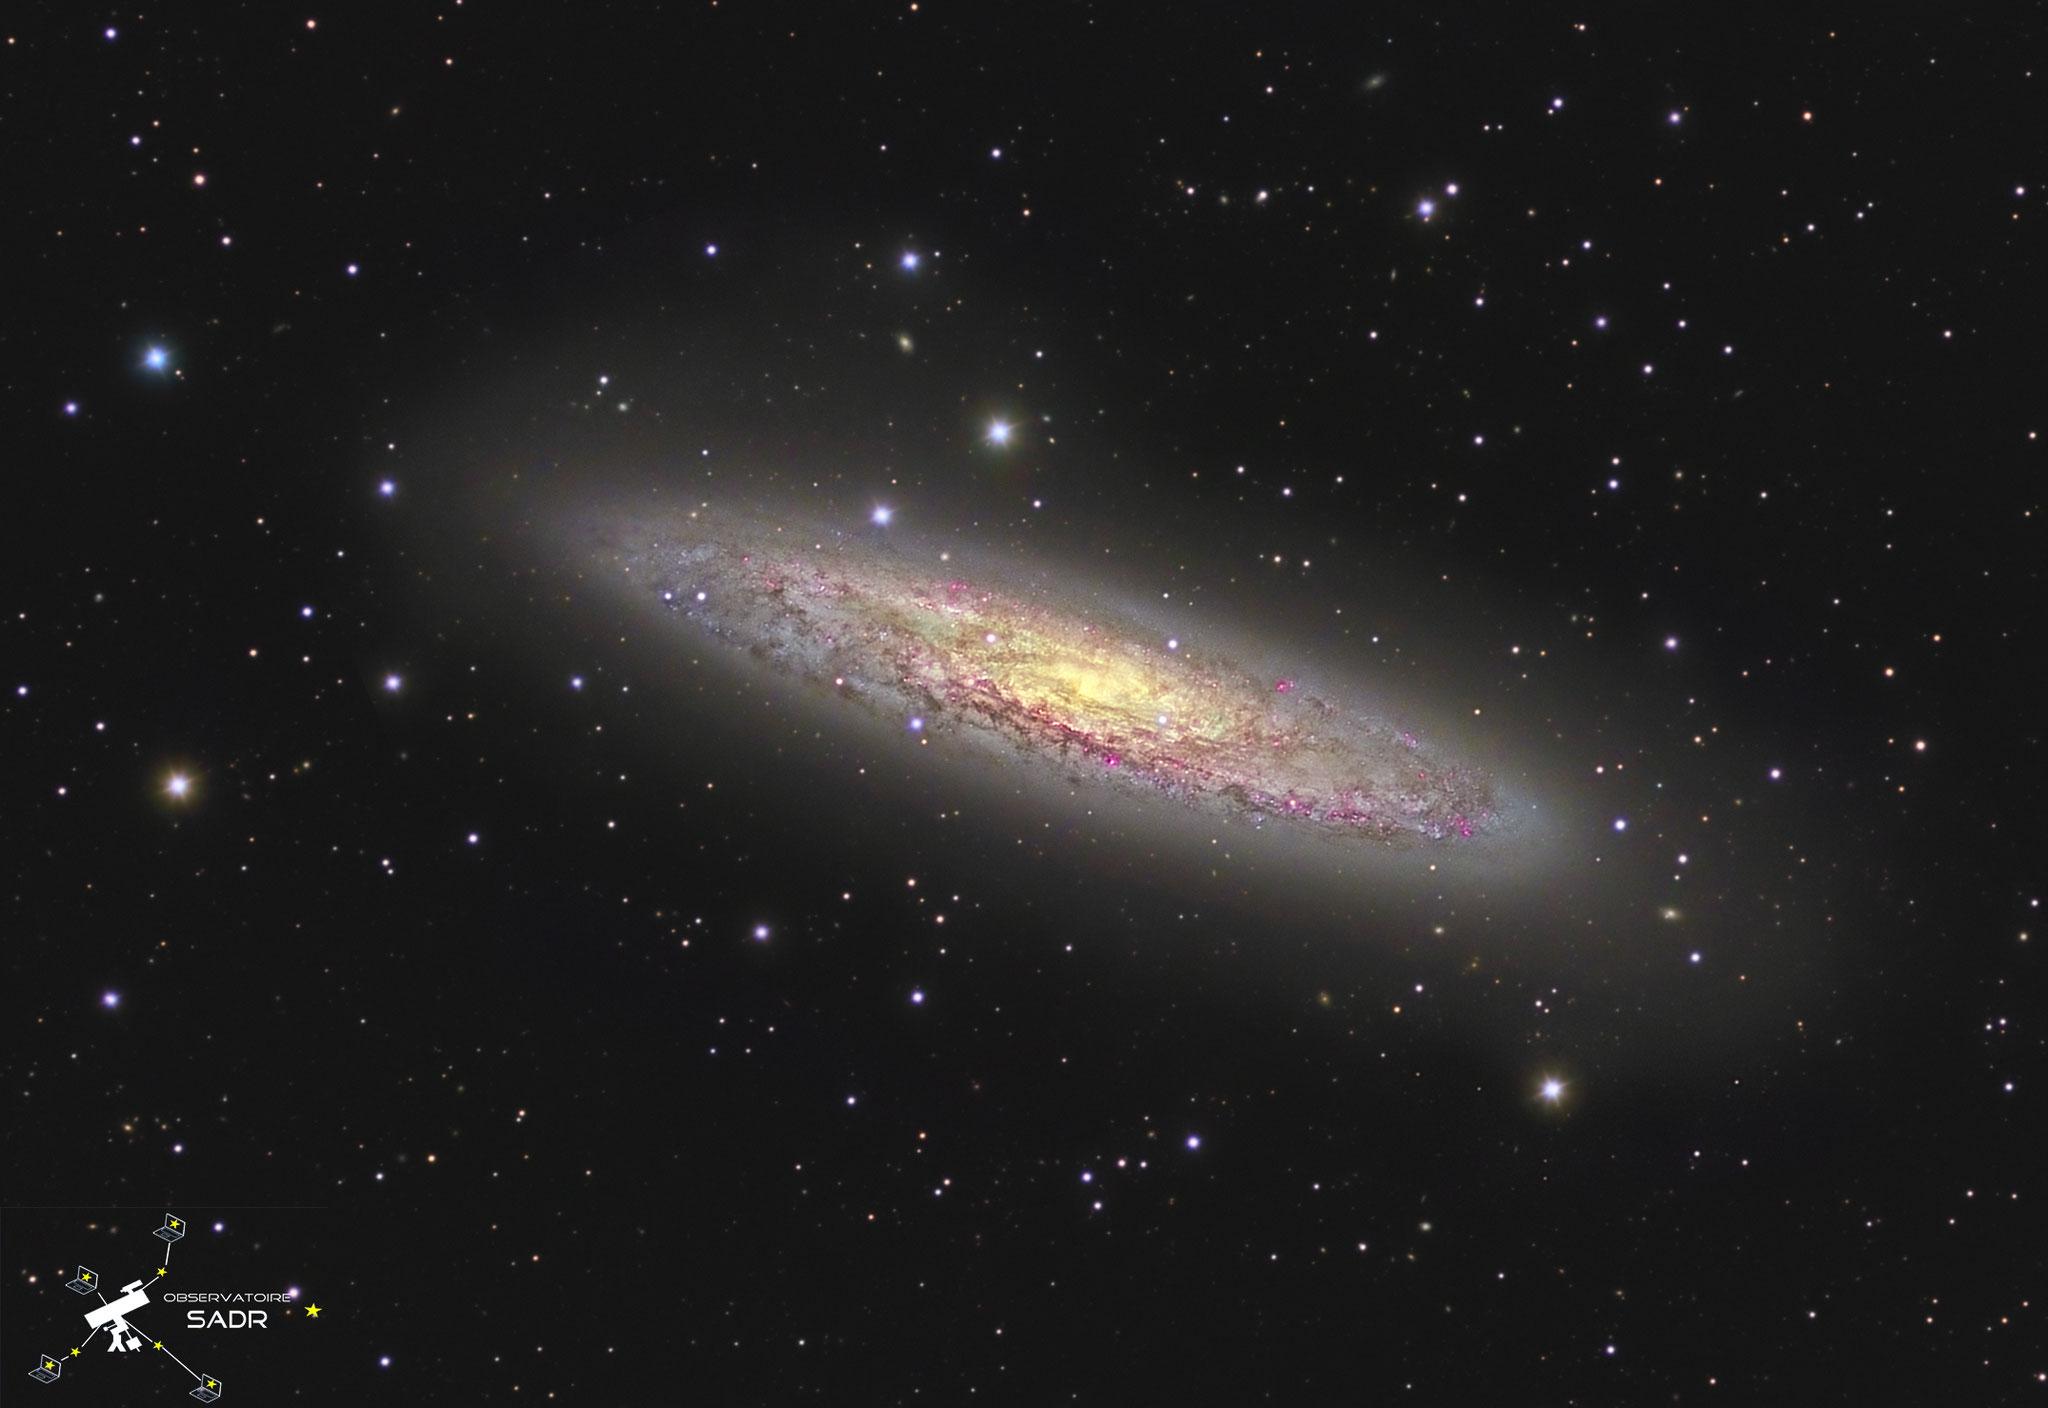 NGC253, la galaxie du Sculpteur, Ha,L, RVB (25, 71, 19, 15, 15 x 5min = 12h05), lunette 127 mm, Sadr Chili, Arnaud